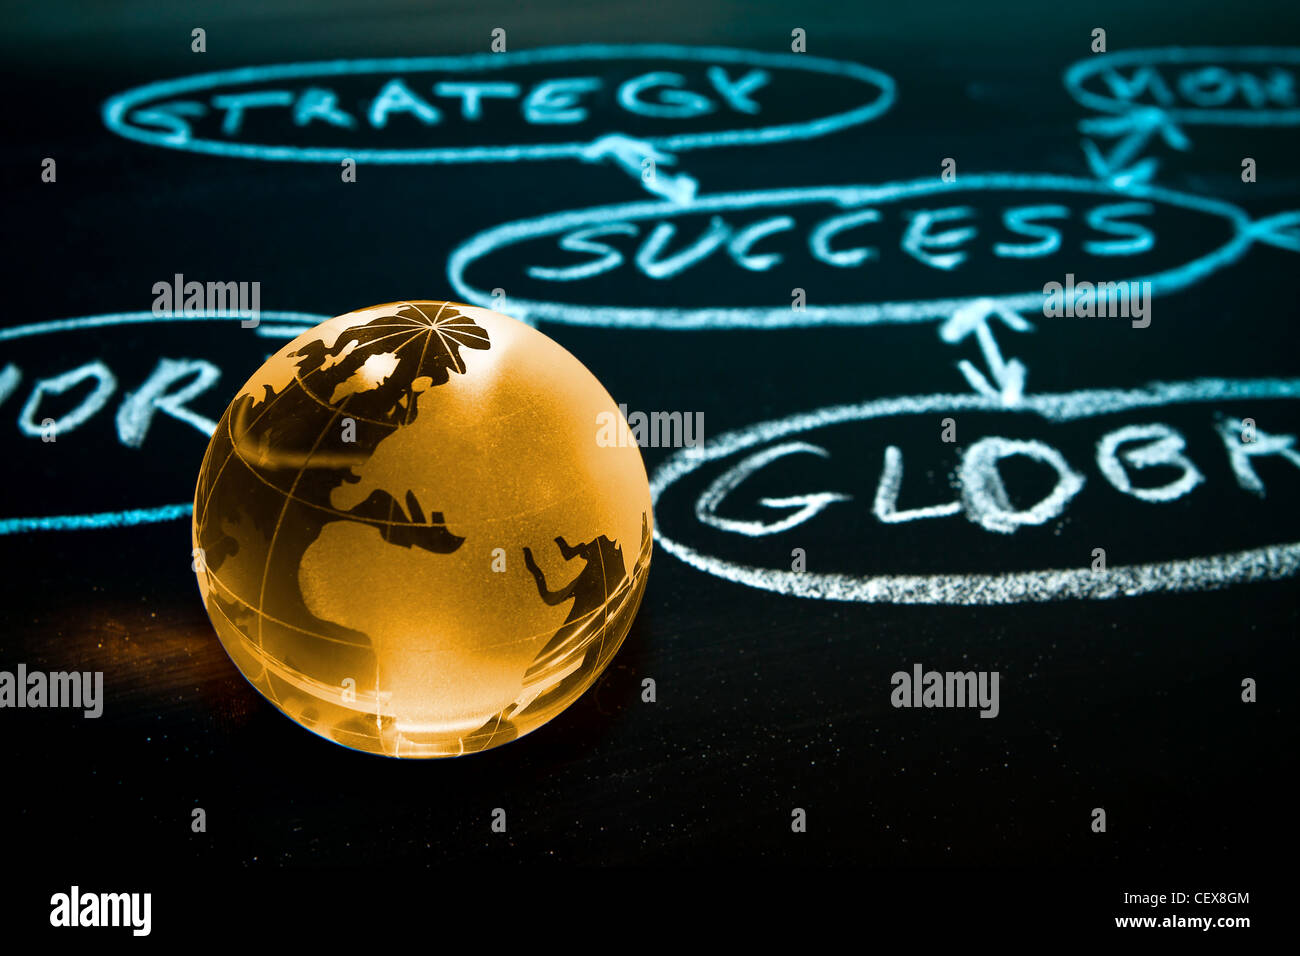 Flussdiagramm auf einer Tafel mit Weltkugel zeigt Afrika Stockbild